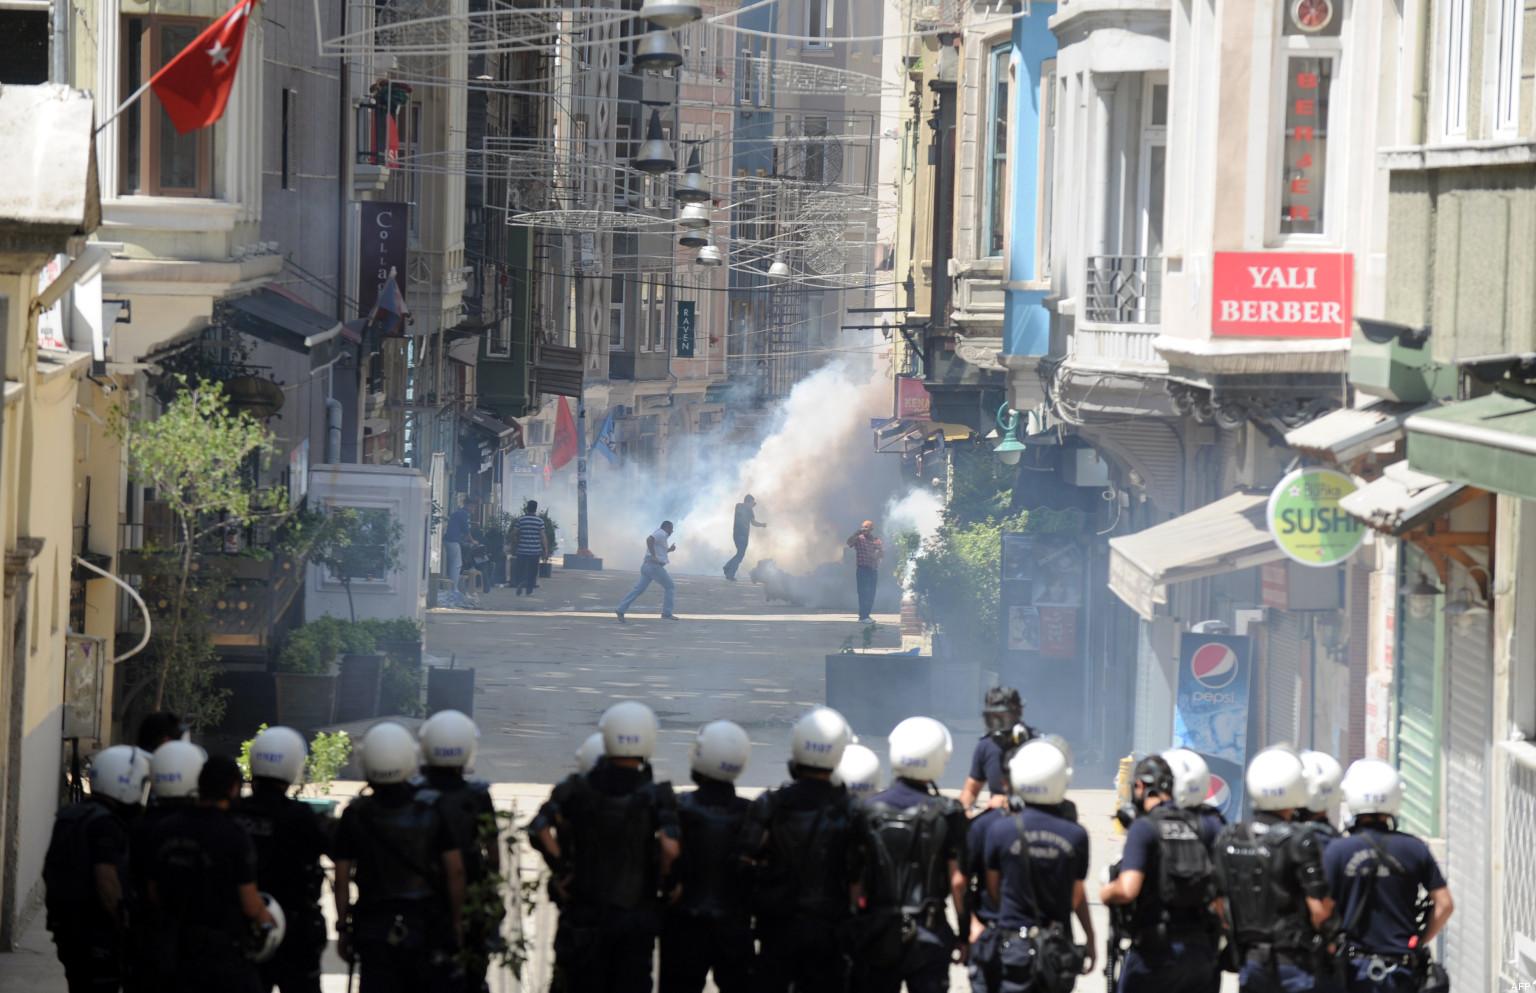 De violents affrontements ont eu lieu à Istanbul entre les forces de l'ordre et les manifestants, protestant contre le gouvernement islamo-conservateur turc.